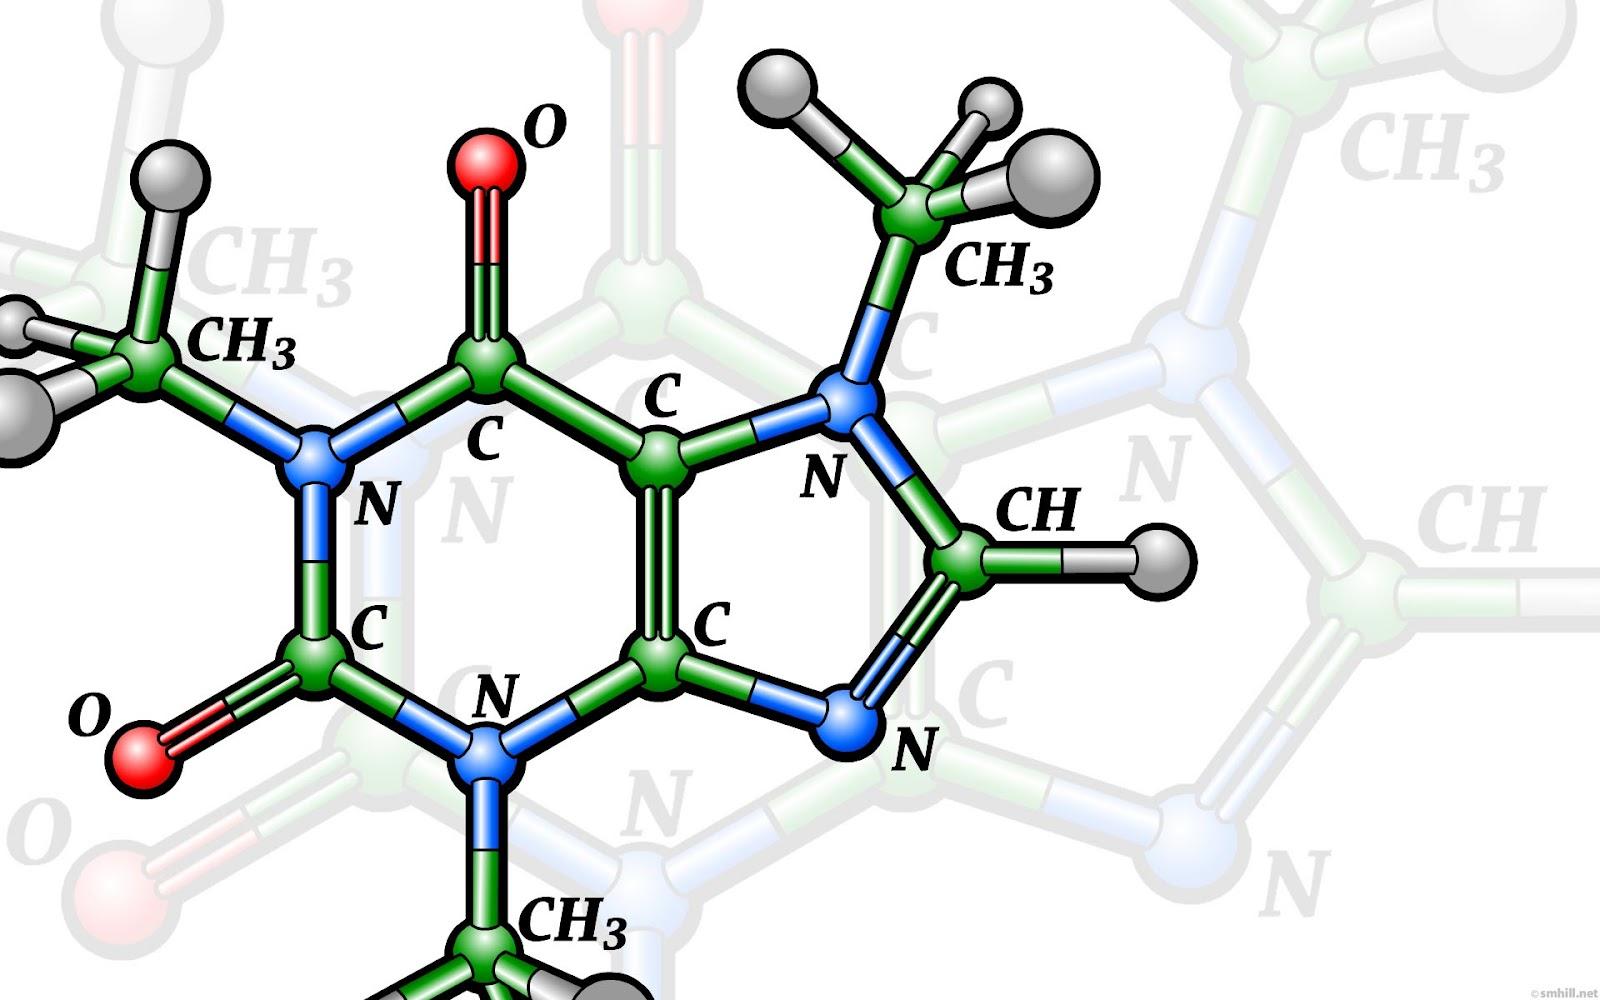 Concepto De La Quimica Inorganica descargar de forma gratuita y